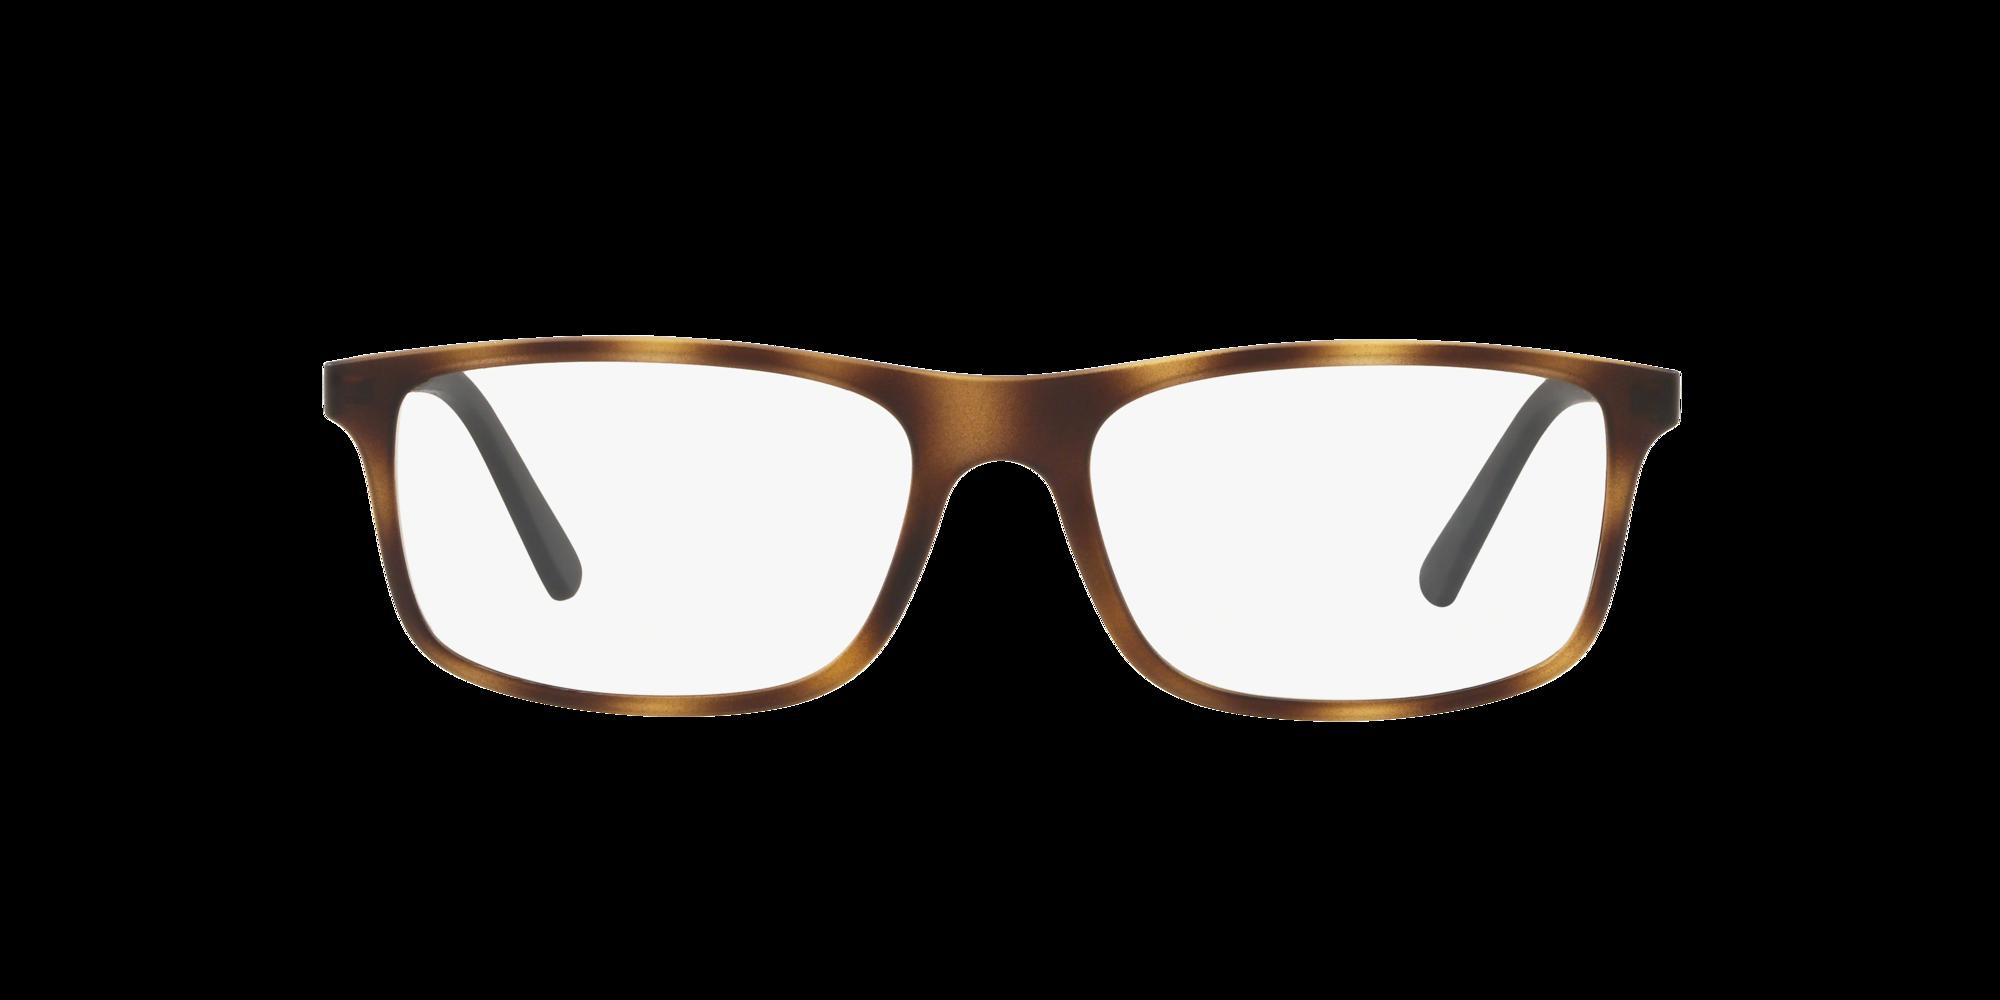 Imagen para PH2197 de LensCrafters |  Espejuelos, espejuelos graduados en línea, gafas